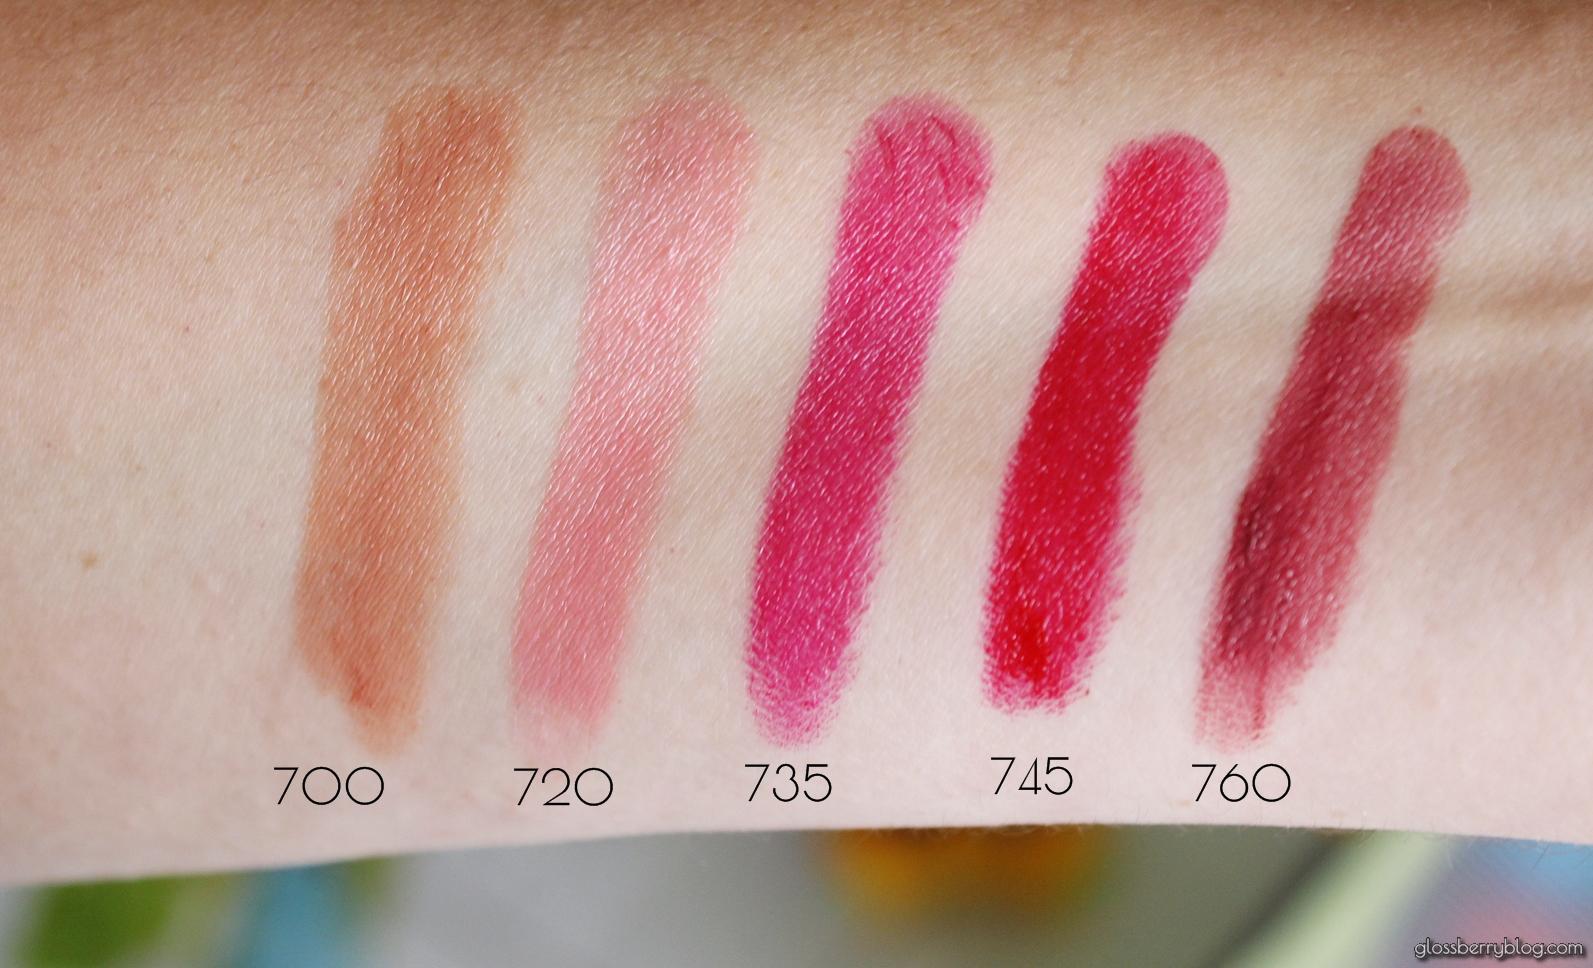 שפתוני Ultra HD Gel Lipcolor lipstick review swatches סקירה המלצה 700sand 720 pink cloud 735 garden 745 rhubarb 760 vineyard רבלון גלוסברי בלוג איפור וטיפוח ג'ל